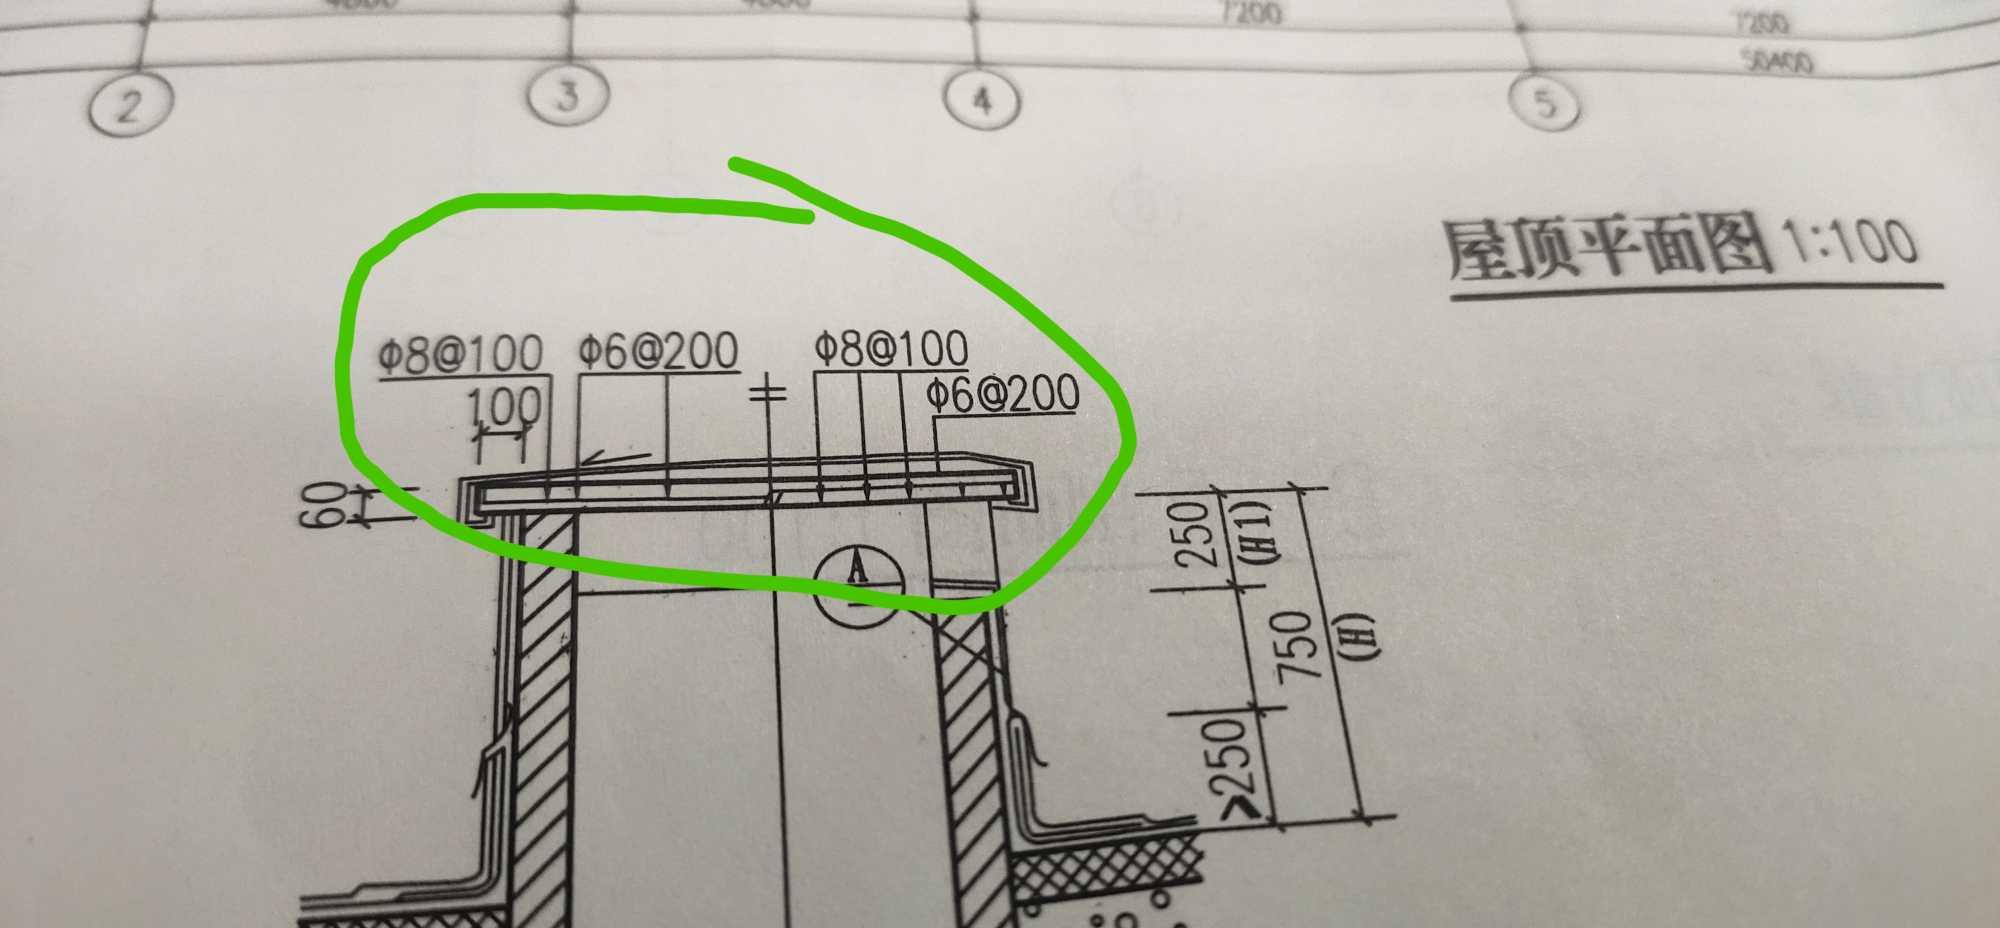 土建,山东,装饰,答疑:这里用板布置可以吧,节点处钢筋如何画?这里的钢筋看的不太明白,感谢-山东土建,装饰,